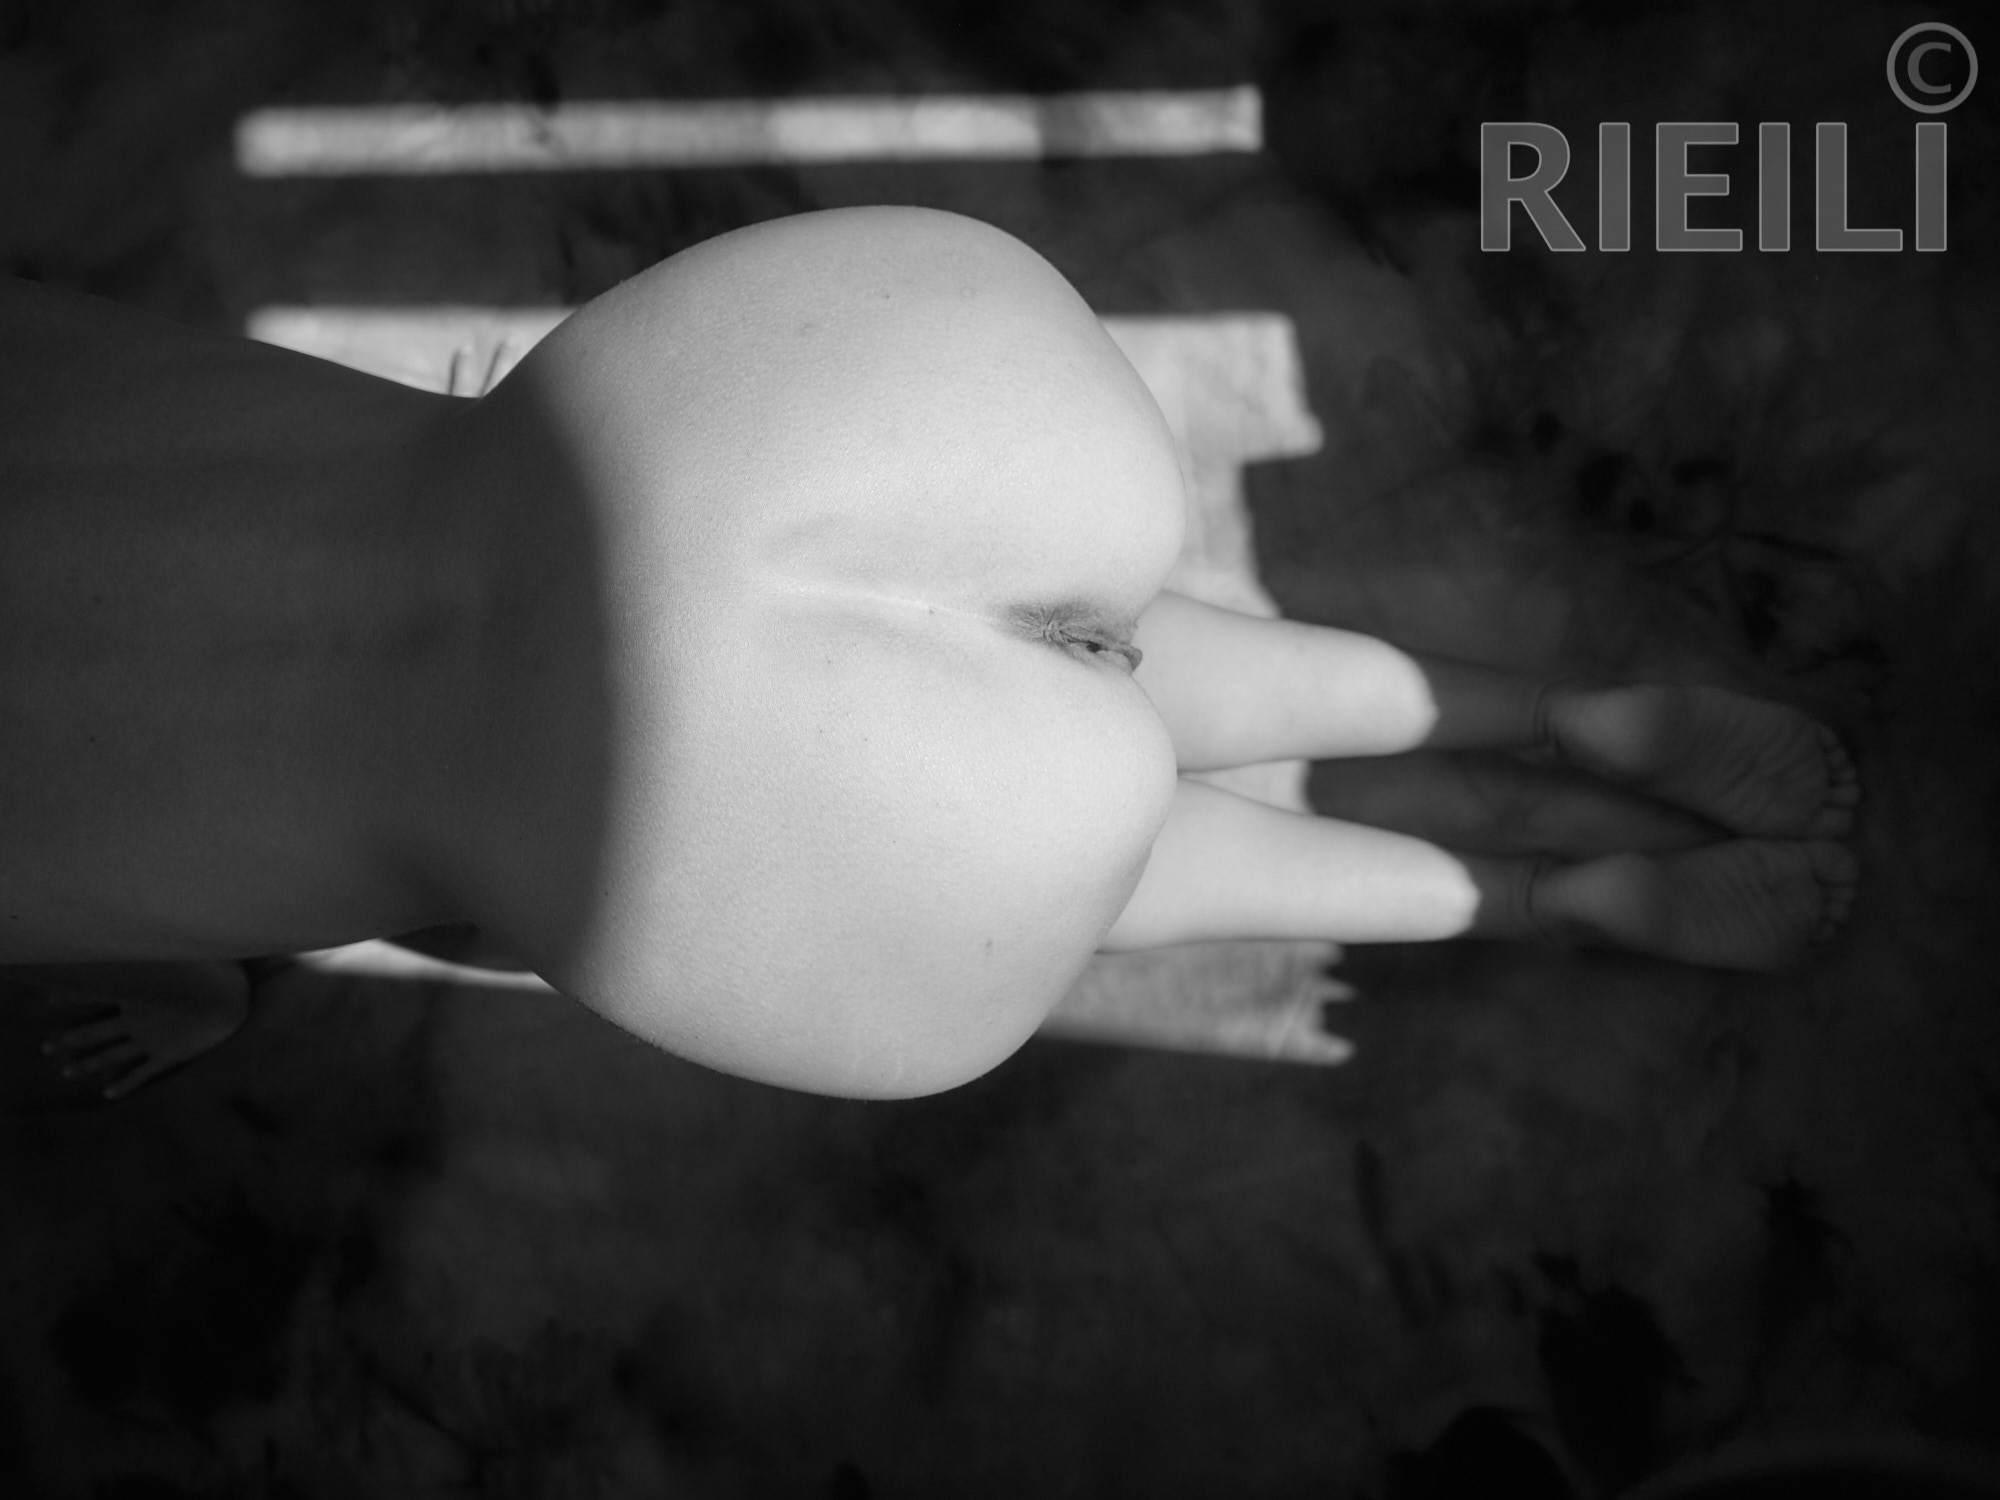 RL540137-RIEILI